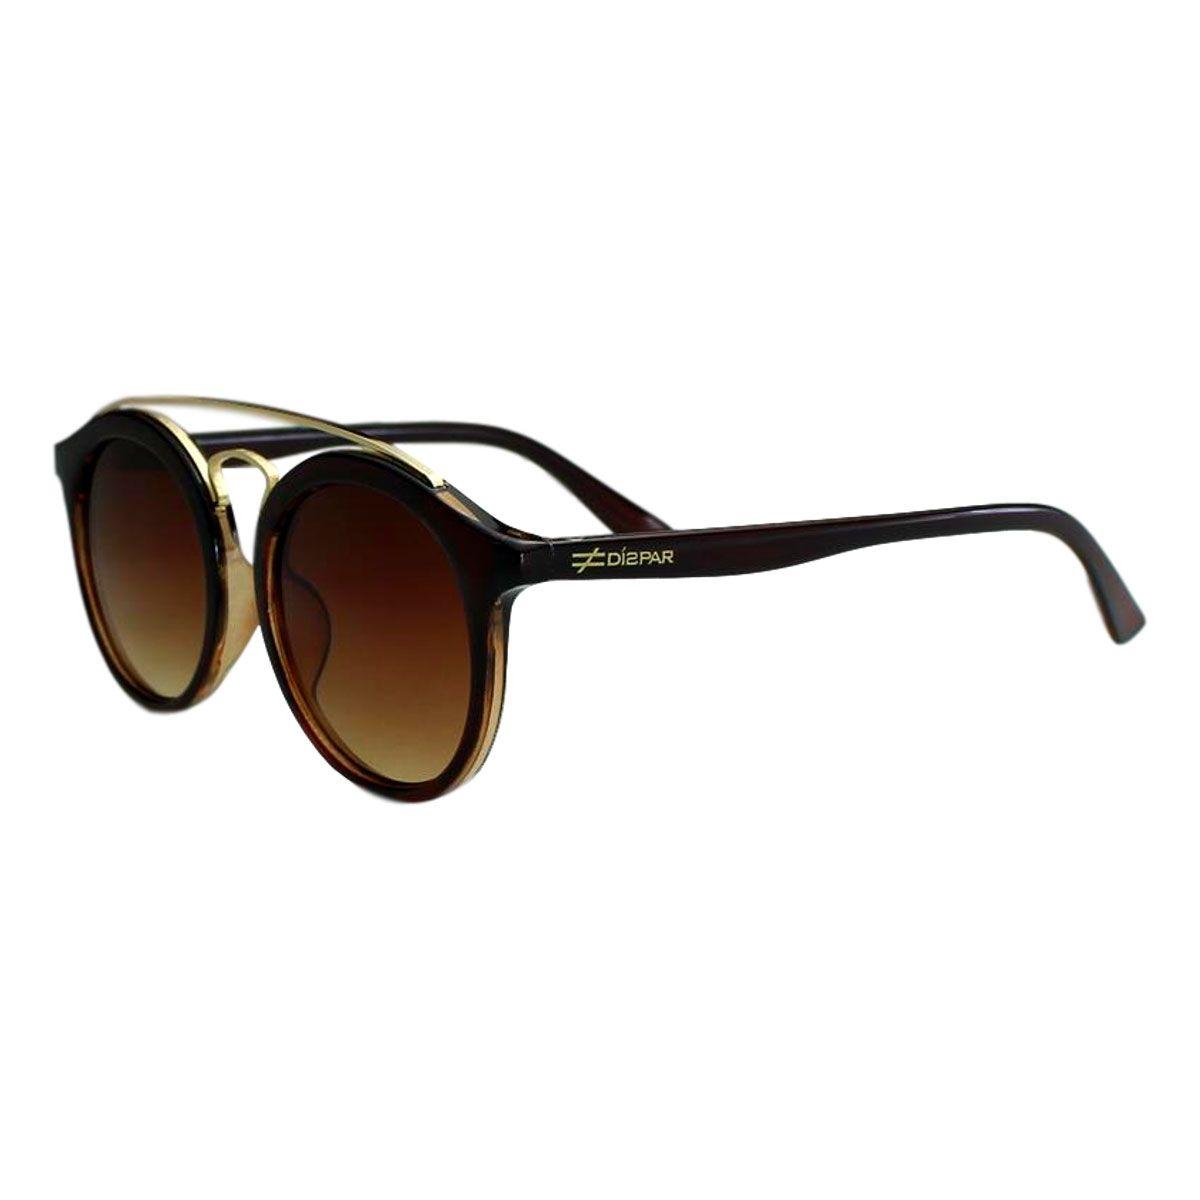 56961d096fc86 Óculos de Sol Díspar ID1961 Infantil - Marrom